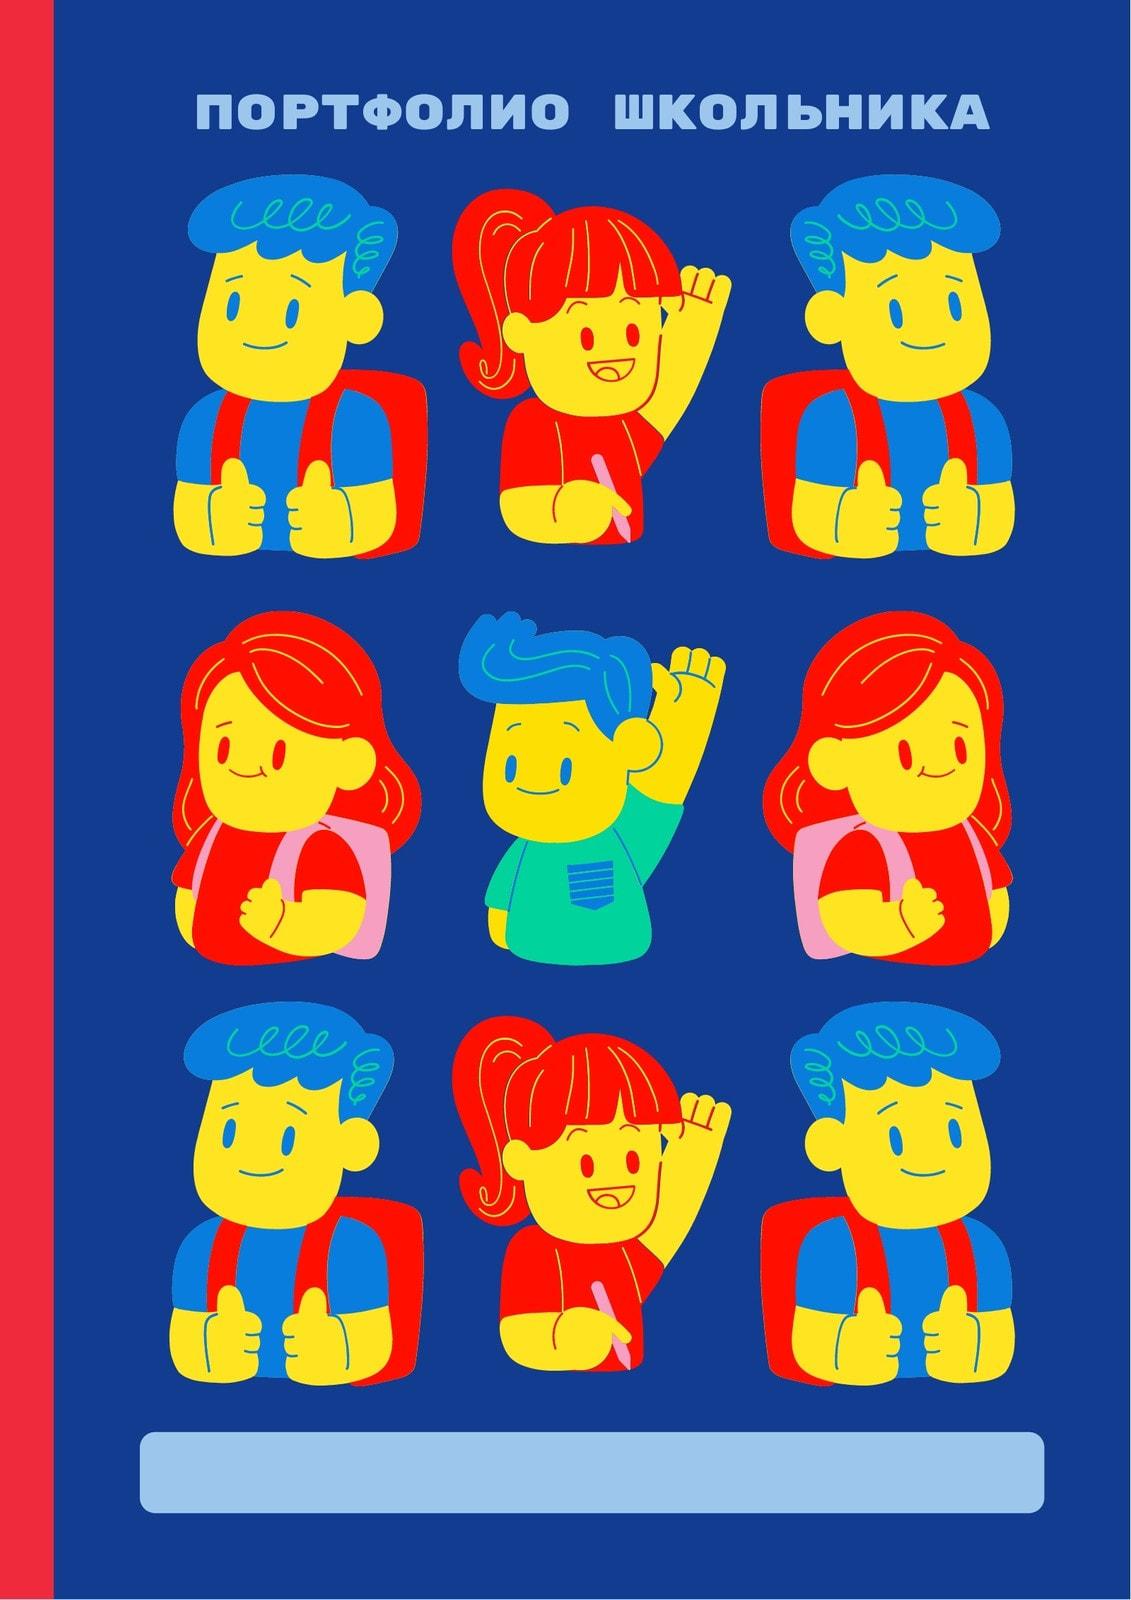 Синее, желтое и красное портфолио ученика начальной школы с иллюстрациями